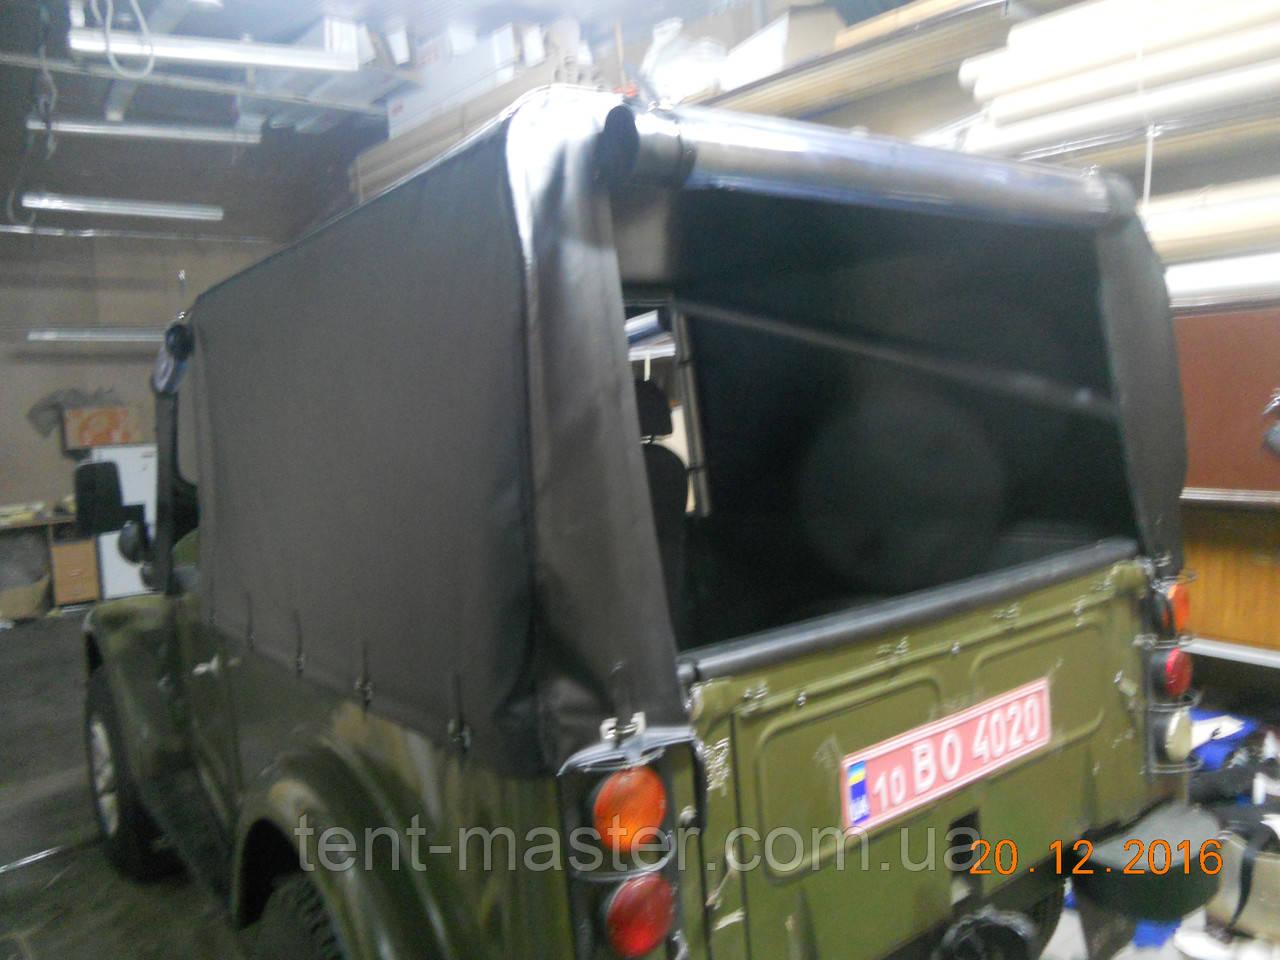 Отделка кабины ГАЗ 69  ПВХ тканью